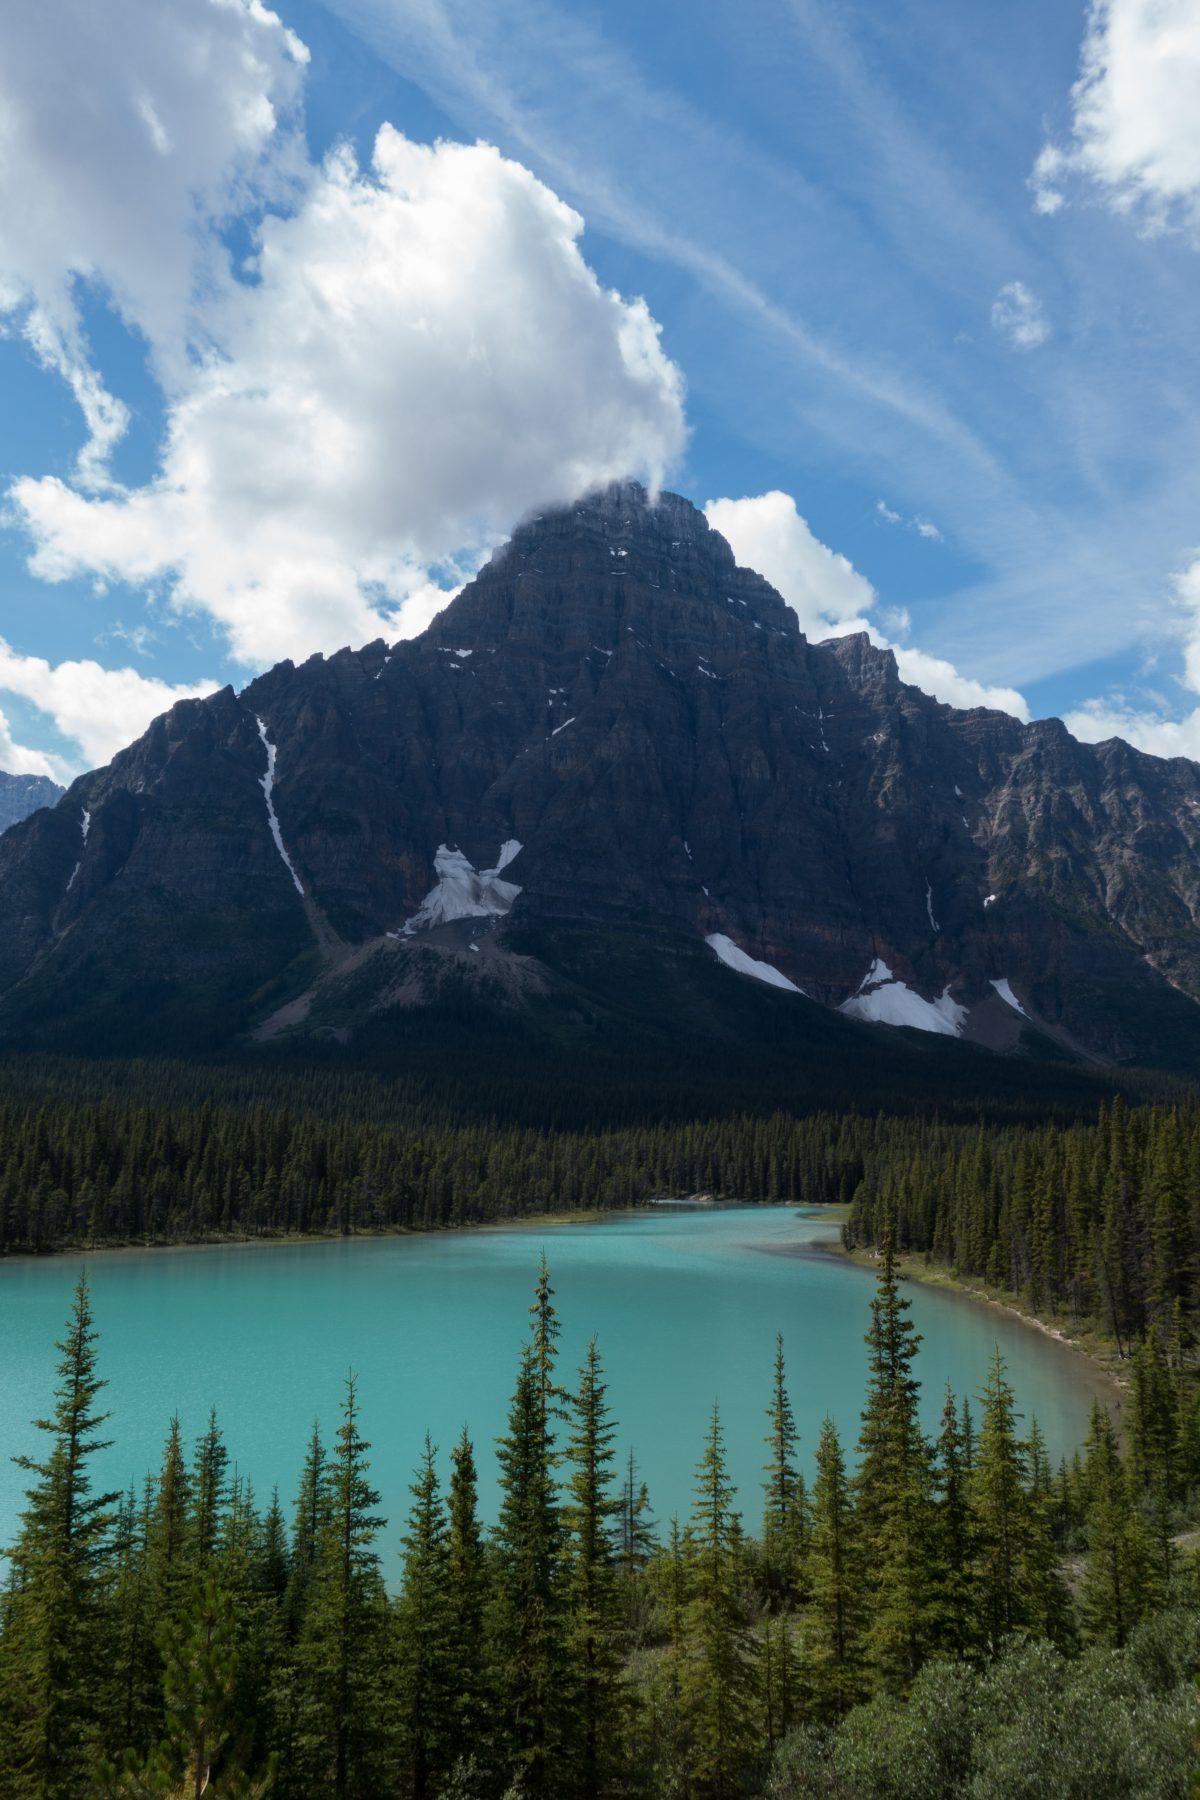 lake, mountain, cloud, view